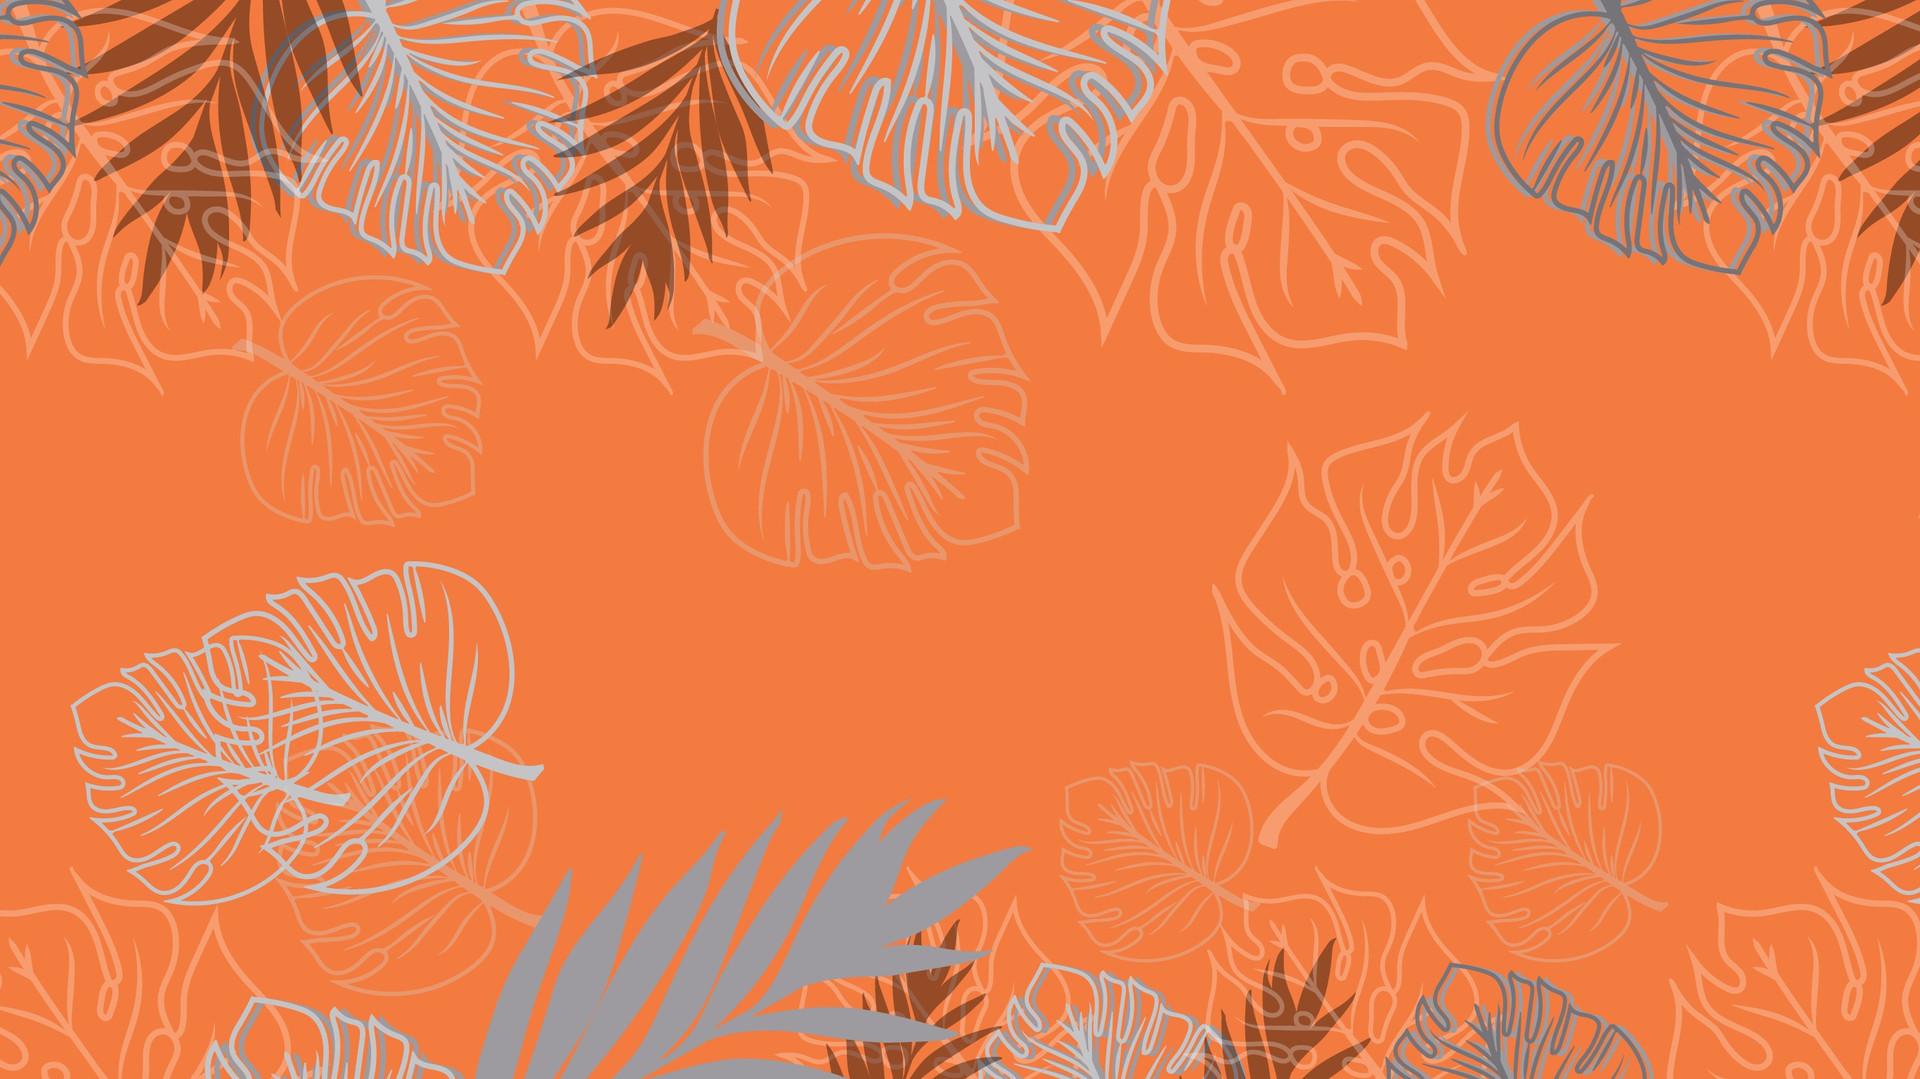 Leaves-Orange@2x.jpg